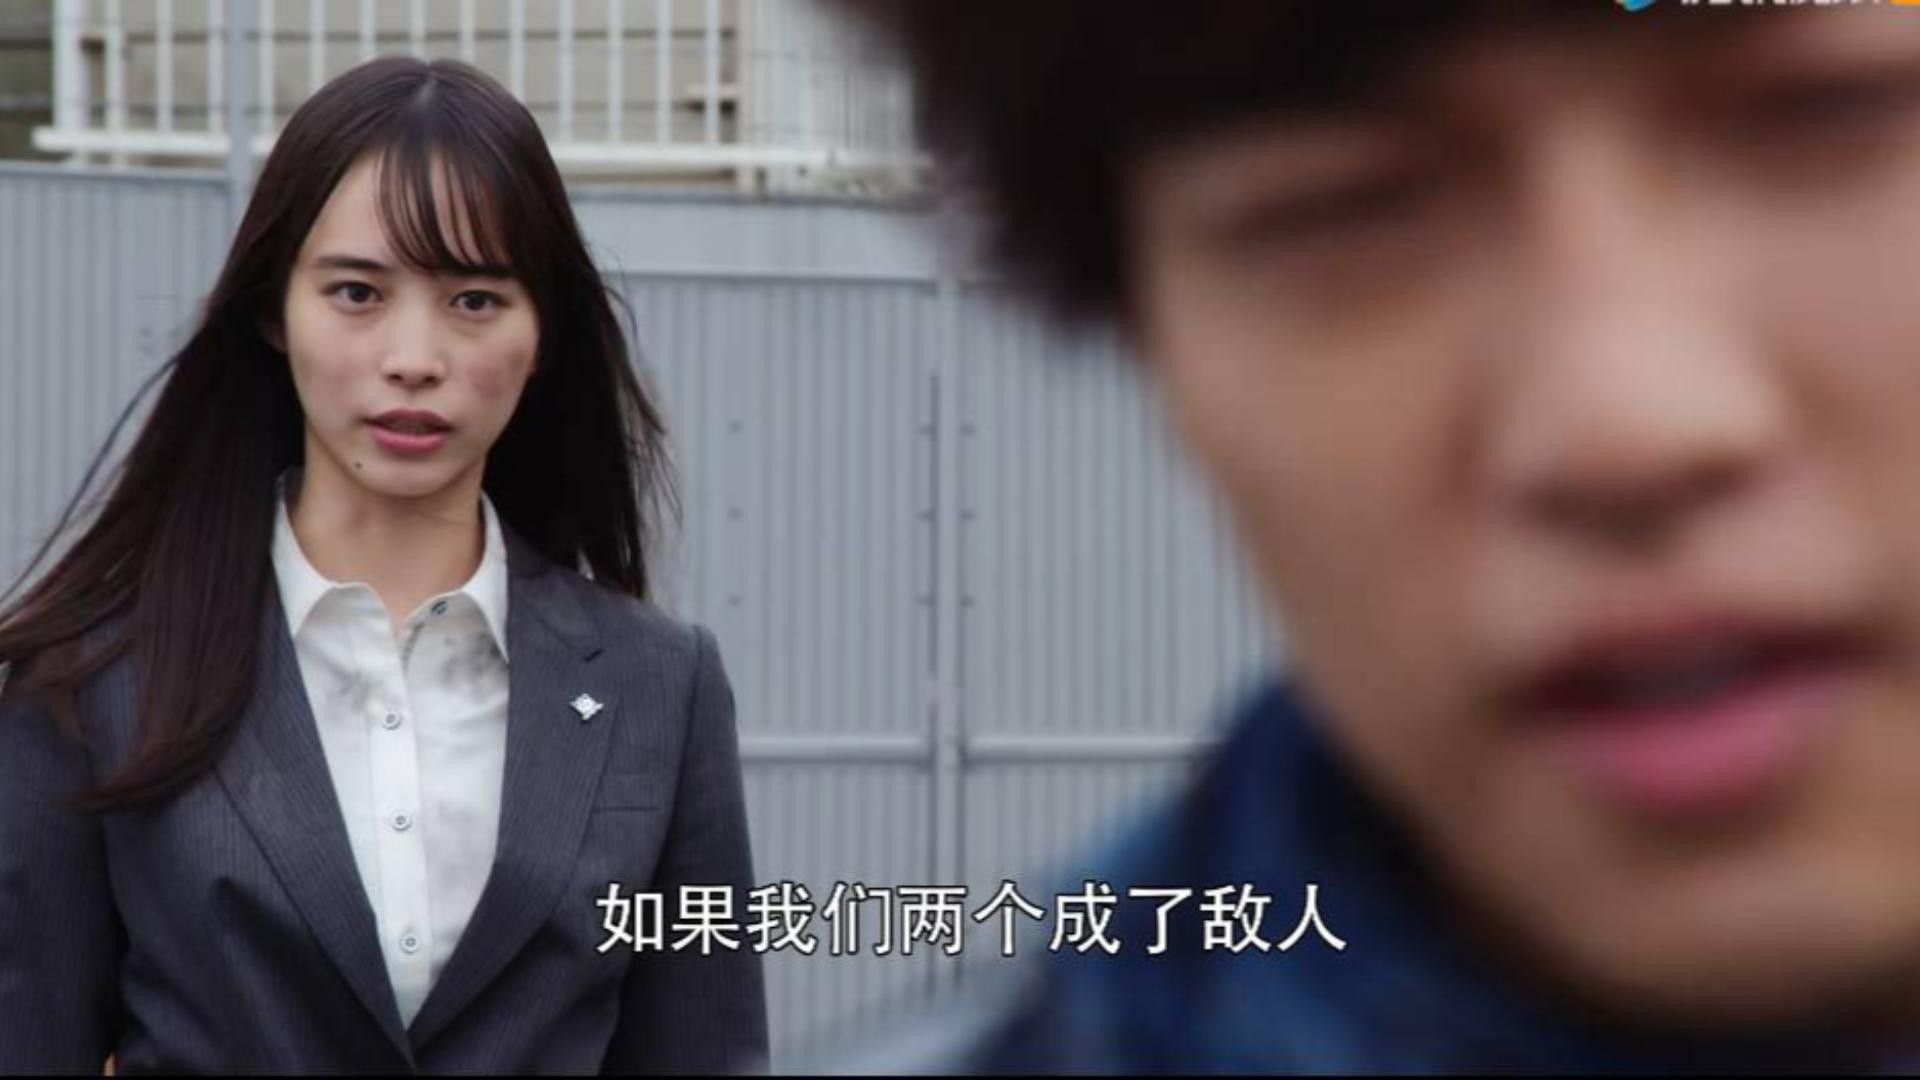 飞电虾饺的生活日常(5)